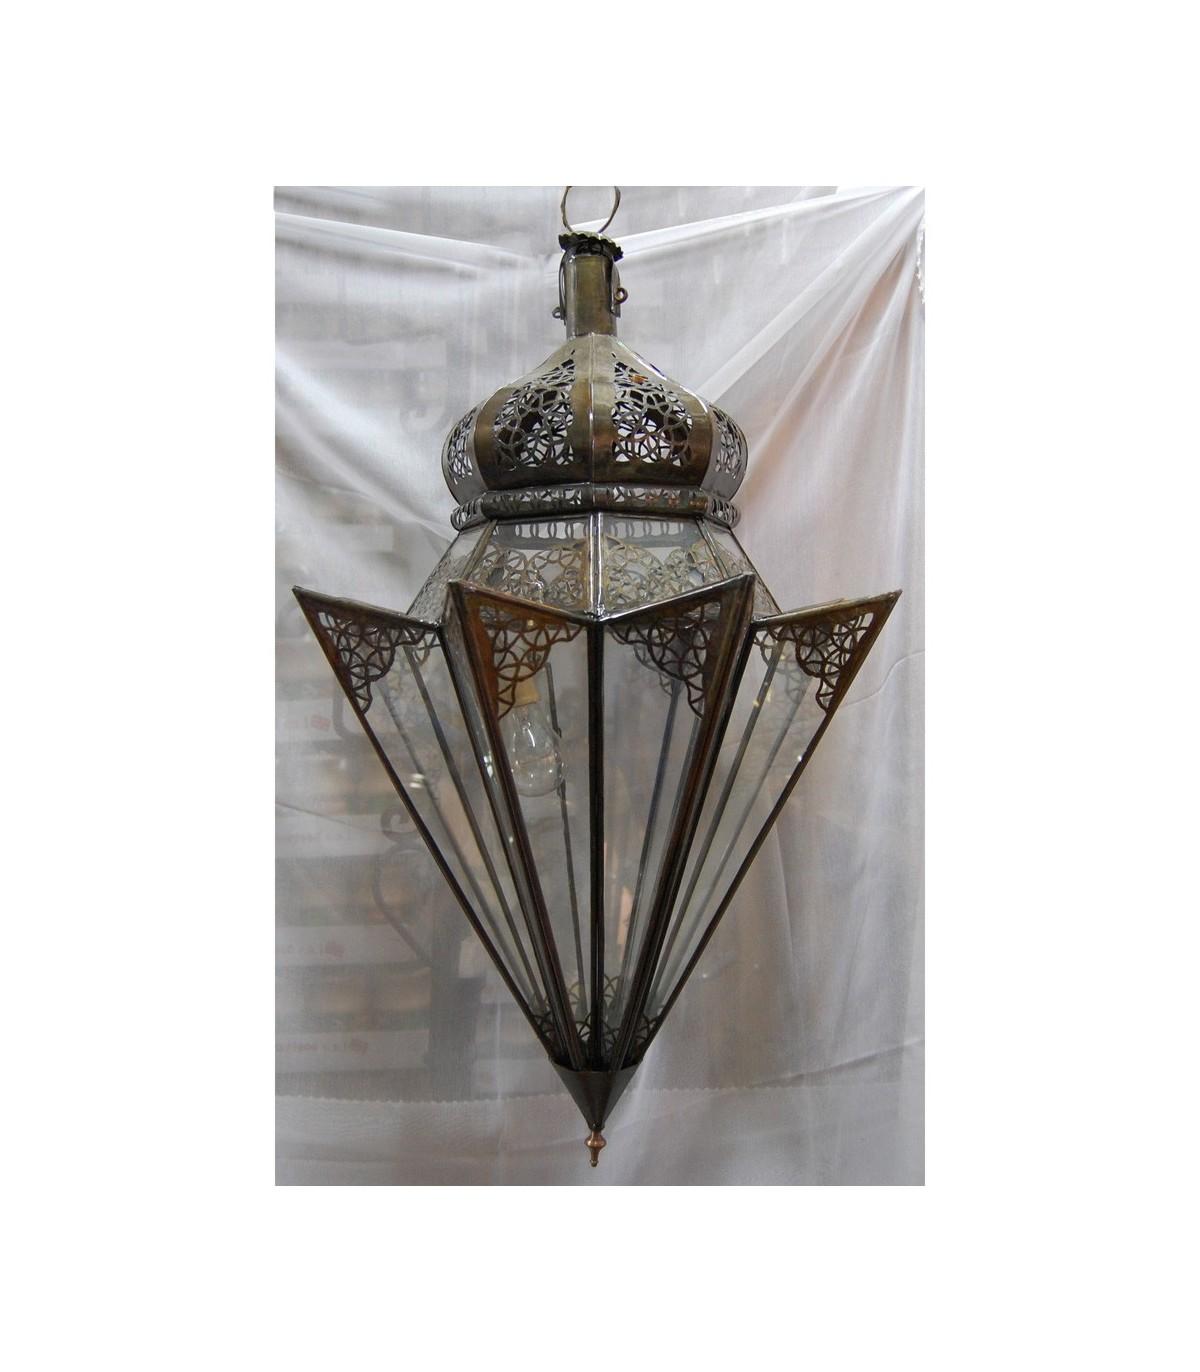 L mpara de cristal paraguas andalus arabe 2 colores - Lamparas de cristal de colores ...